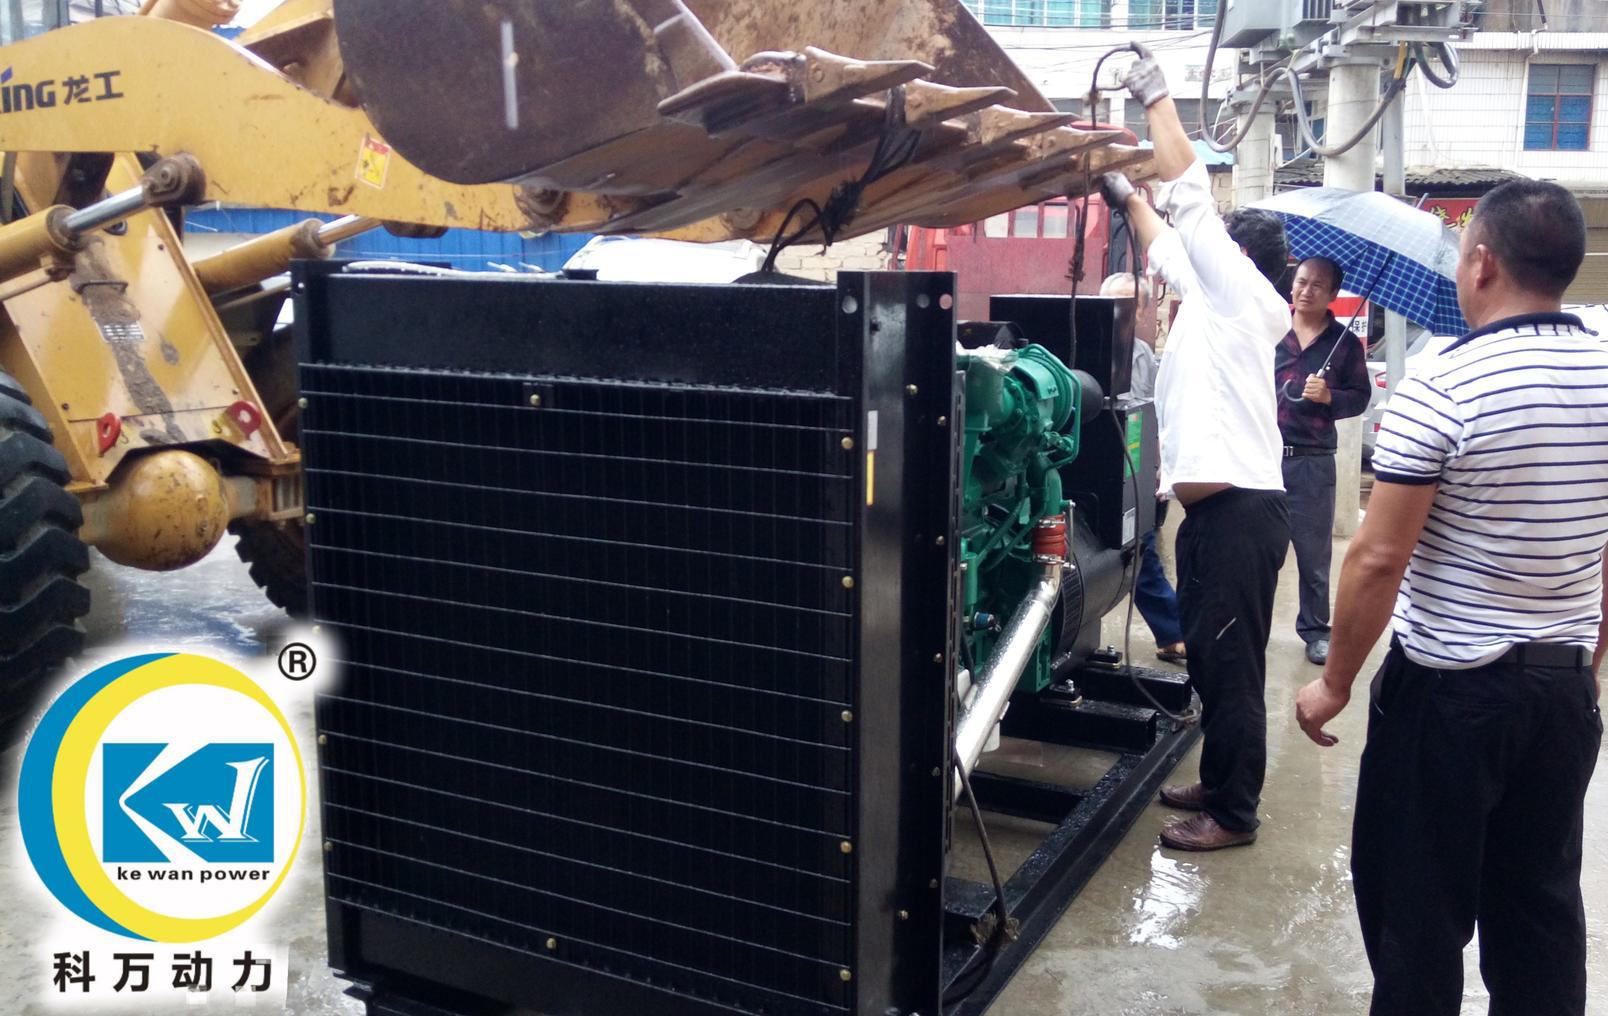 温泉酒店配置玉柴系列发电机组